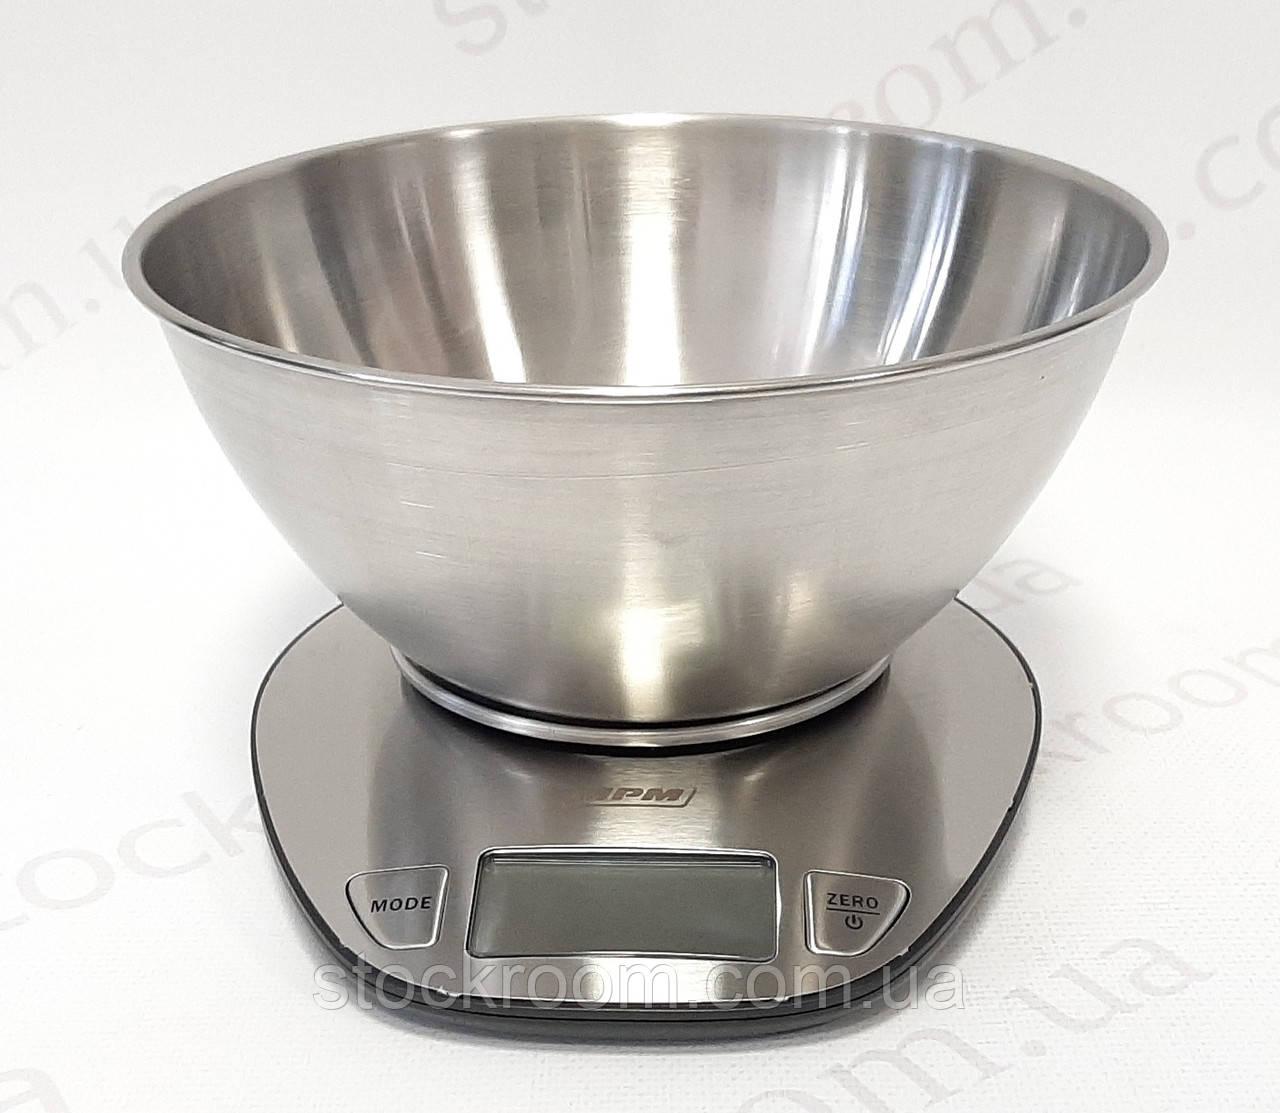 Весы кухонные с металлической чашей MPM